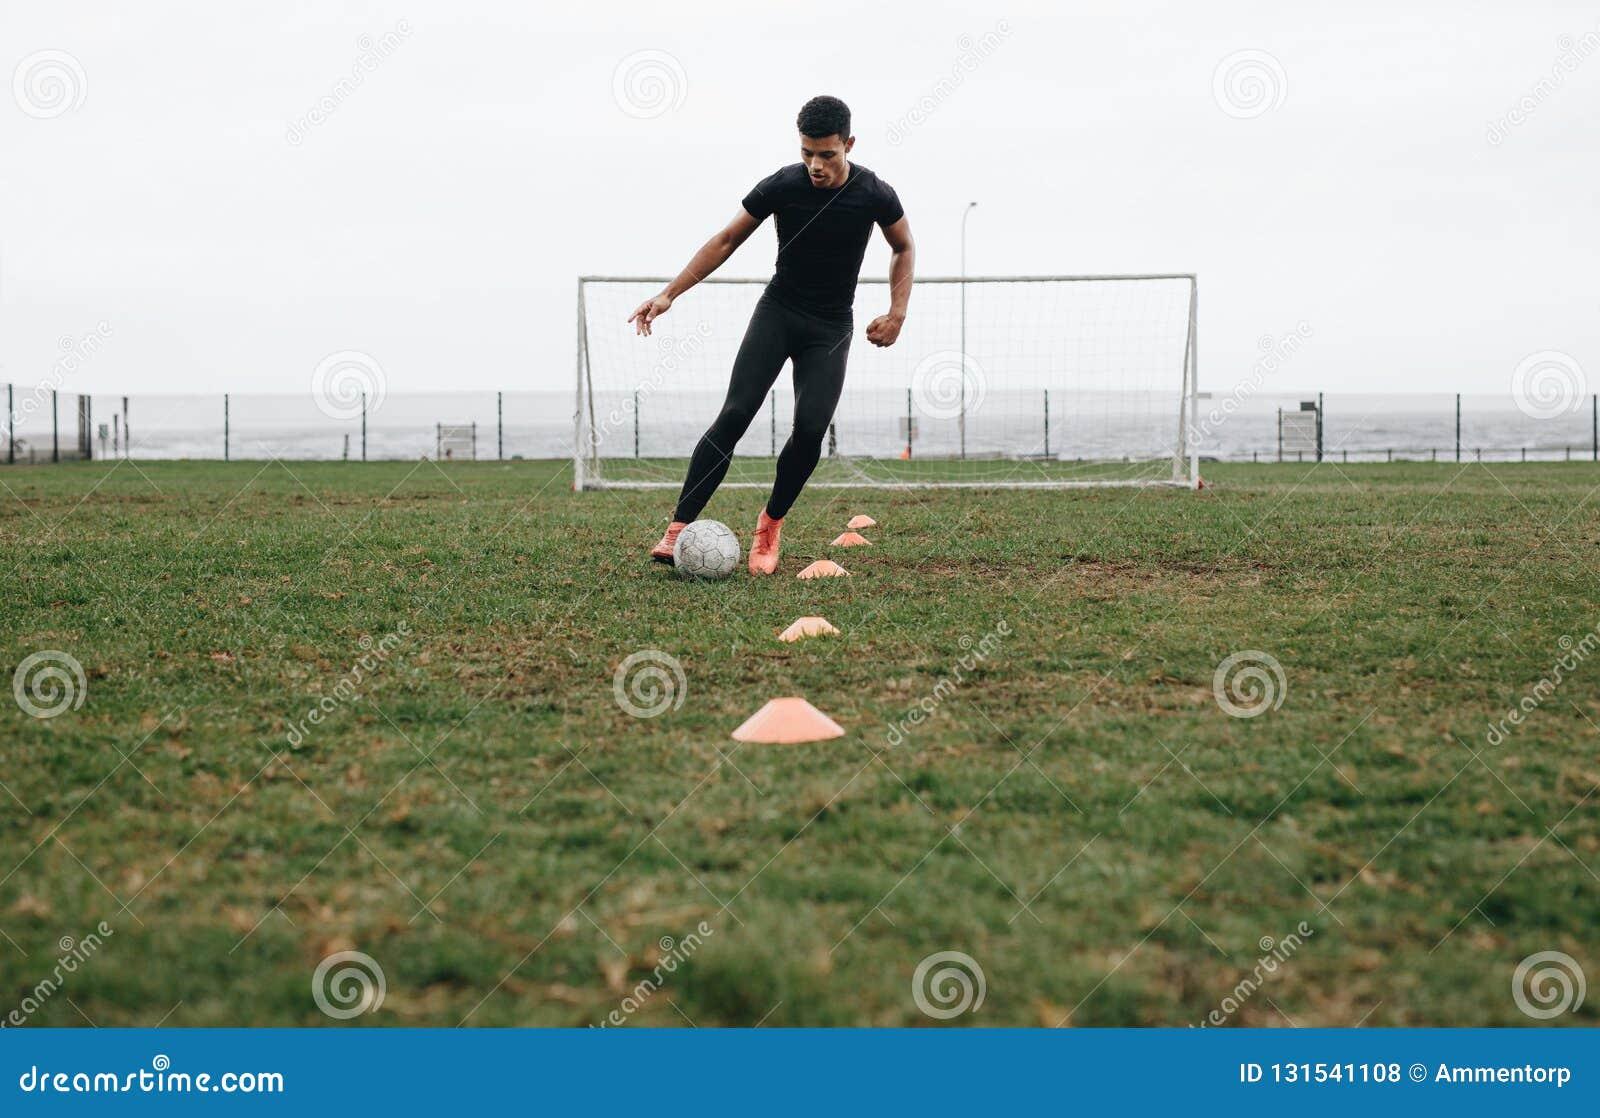 Futbolista robi rożkowi drybluje świder na polu Futbolista rusza się piłkę między rożkami ćwiczy dryblować